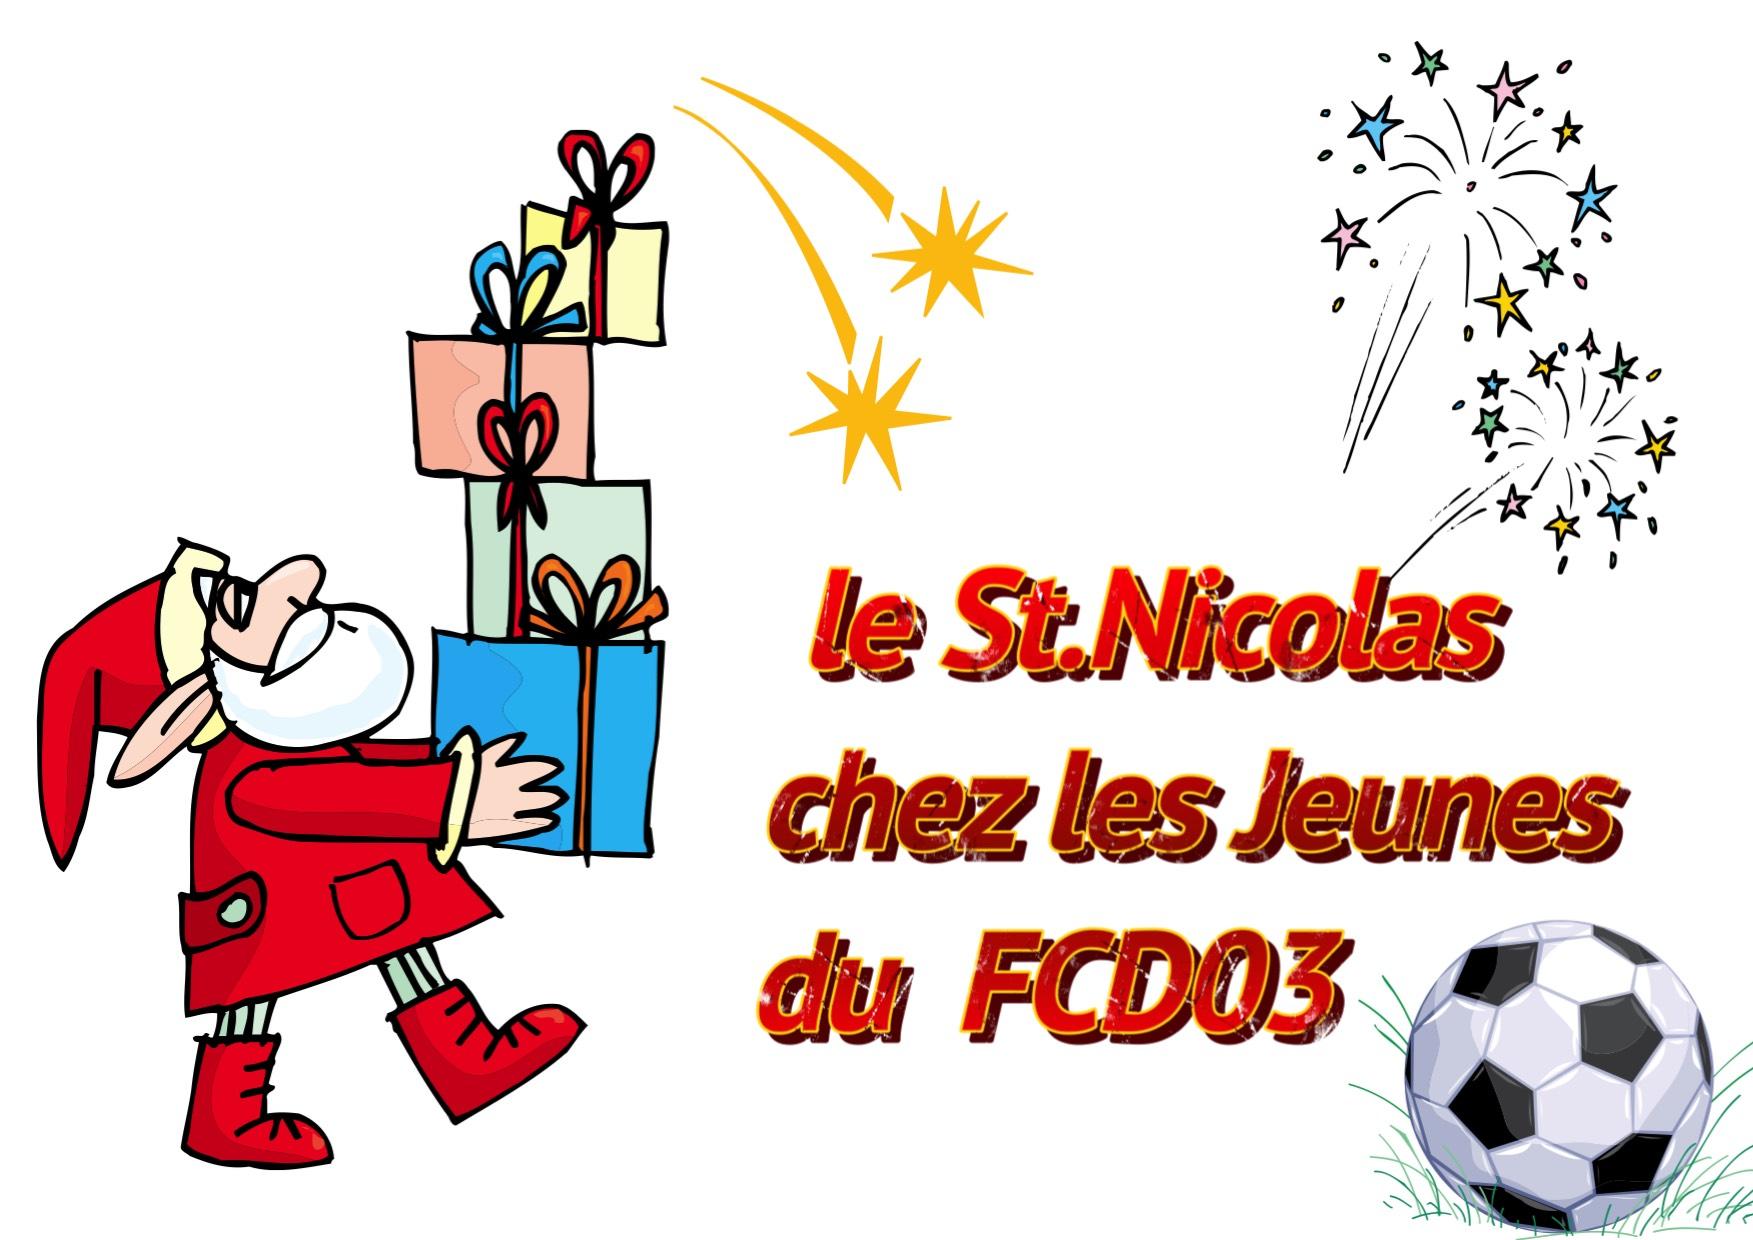 ST NICOLAS CHEZ LES JEUNES DU FCD03